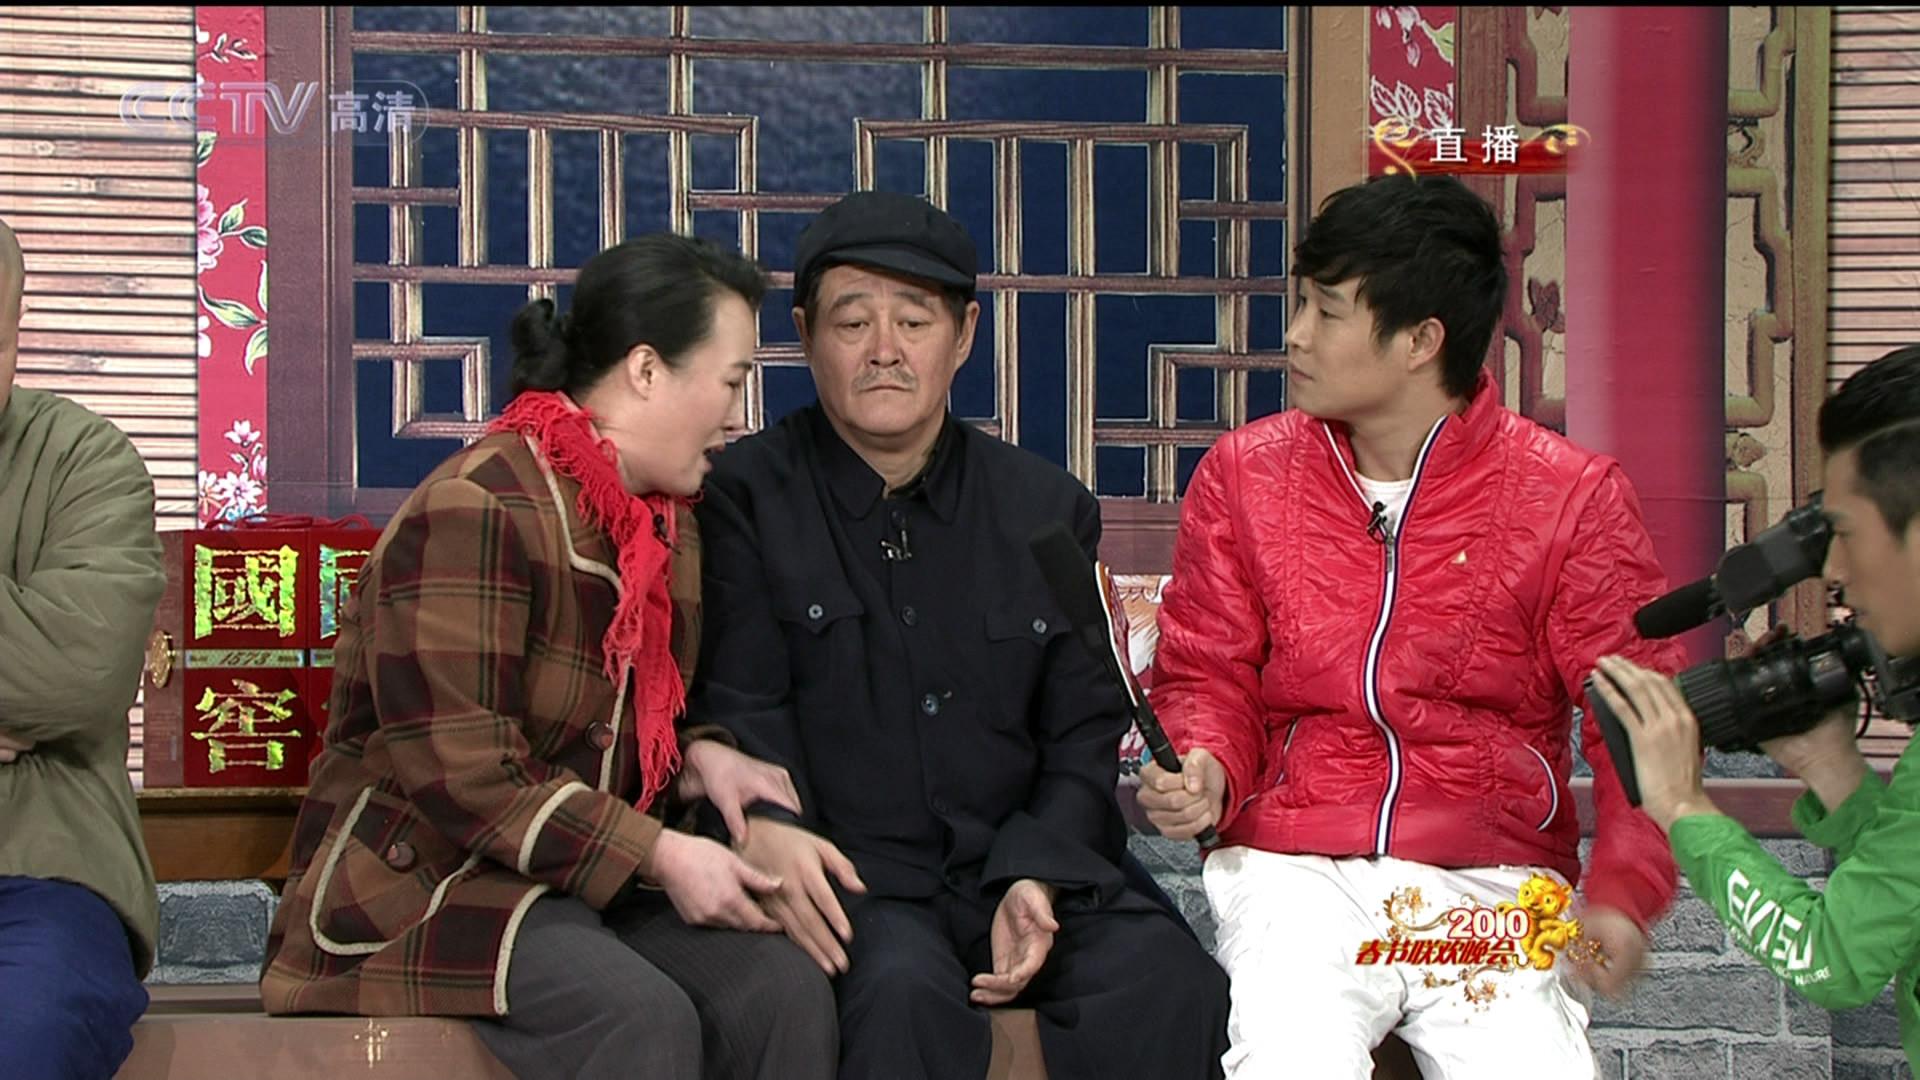 赵本山王小利小品大全【相关词_ 赵本山王小利春晚小品】